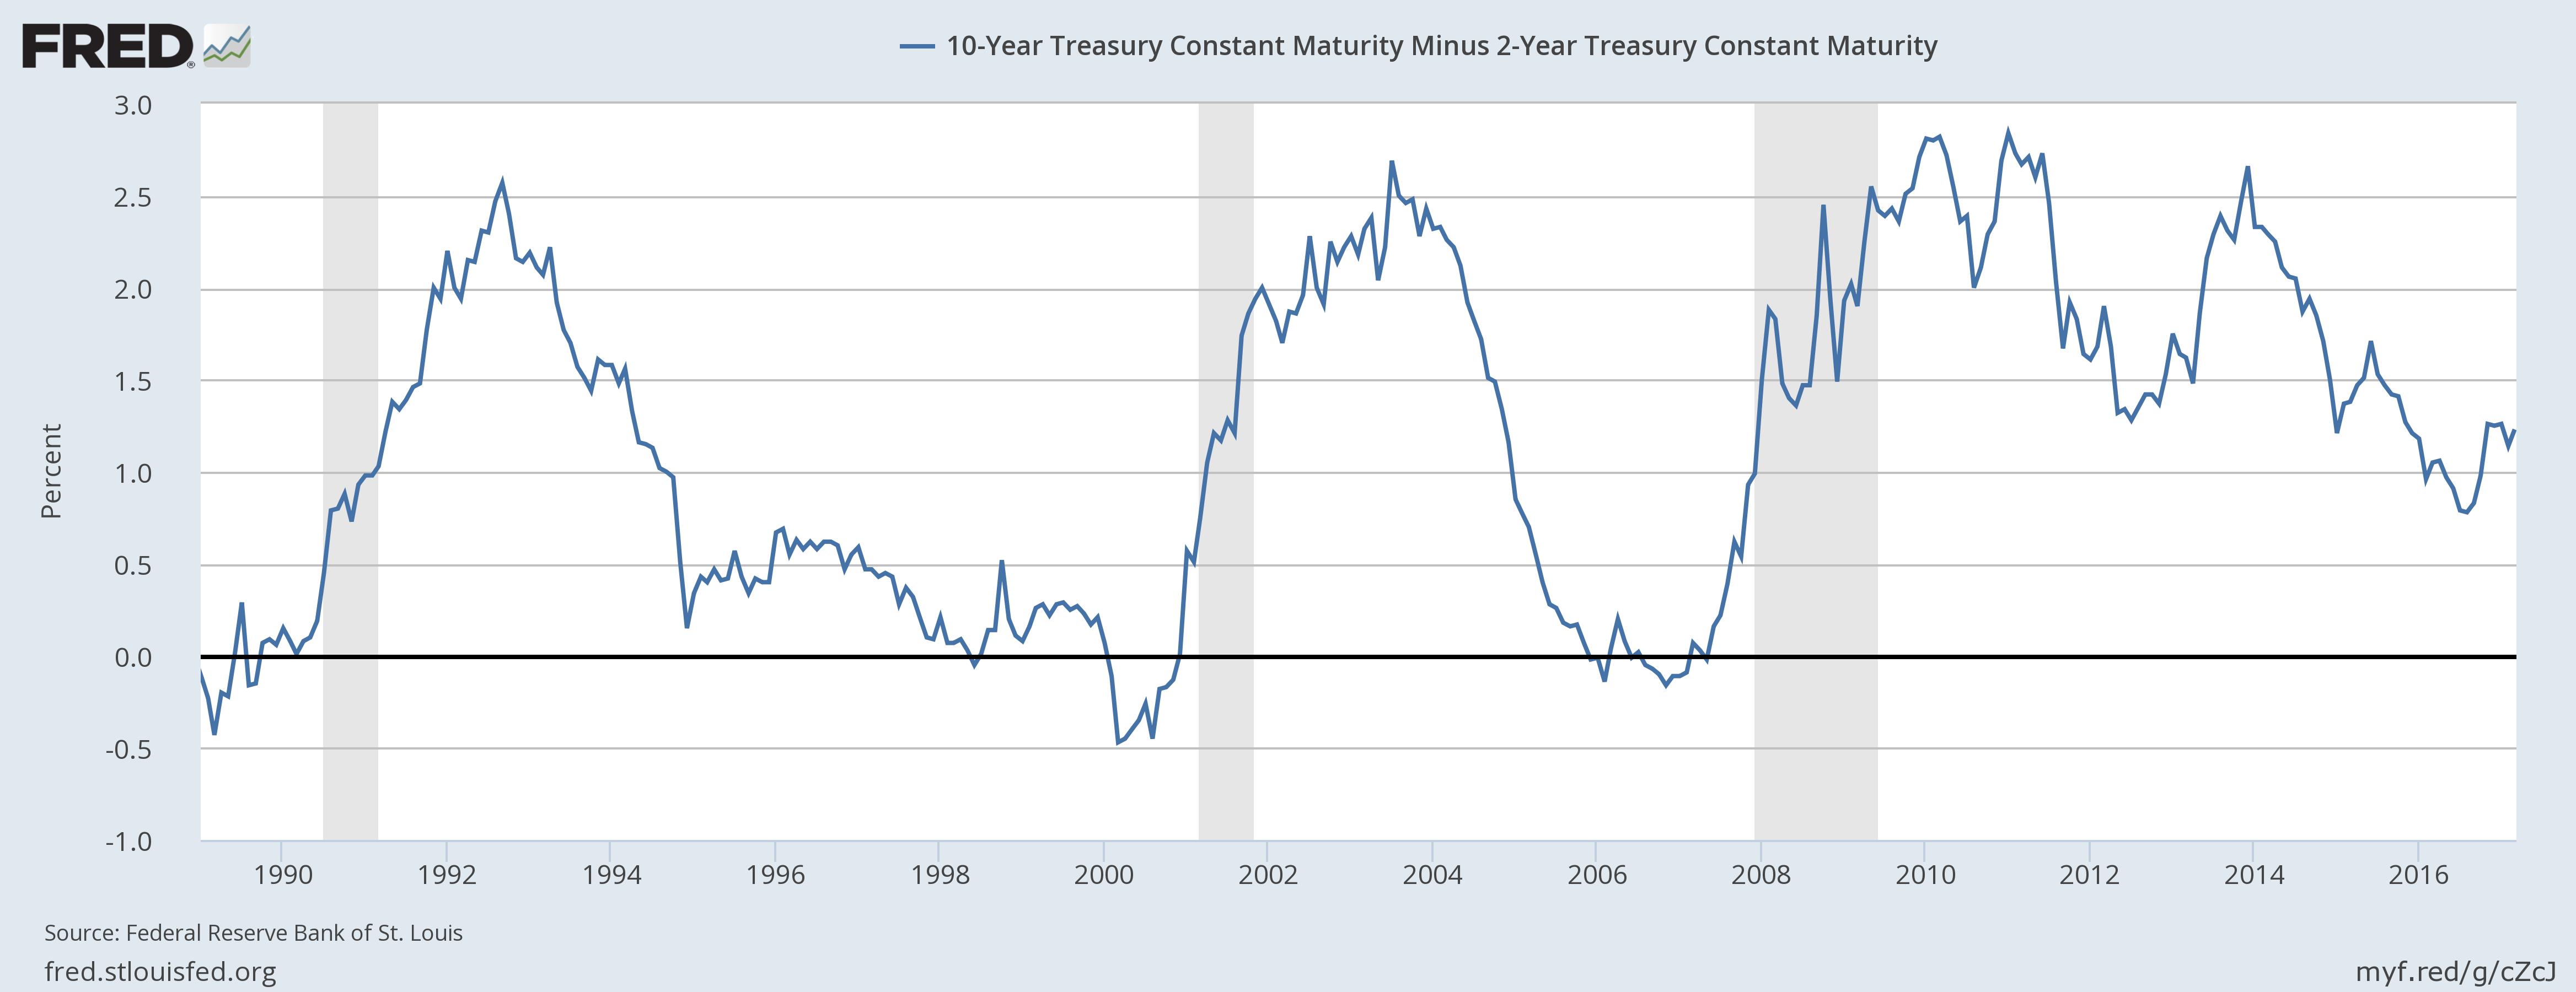 10 Year Treasury Constant, 1990 - 2016